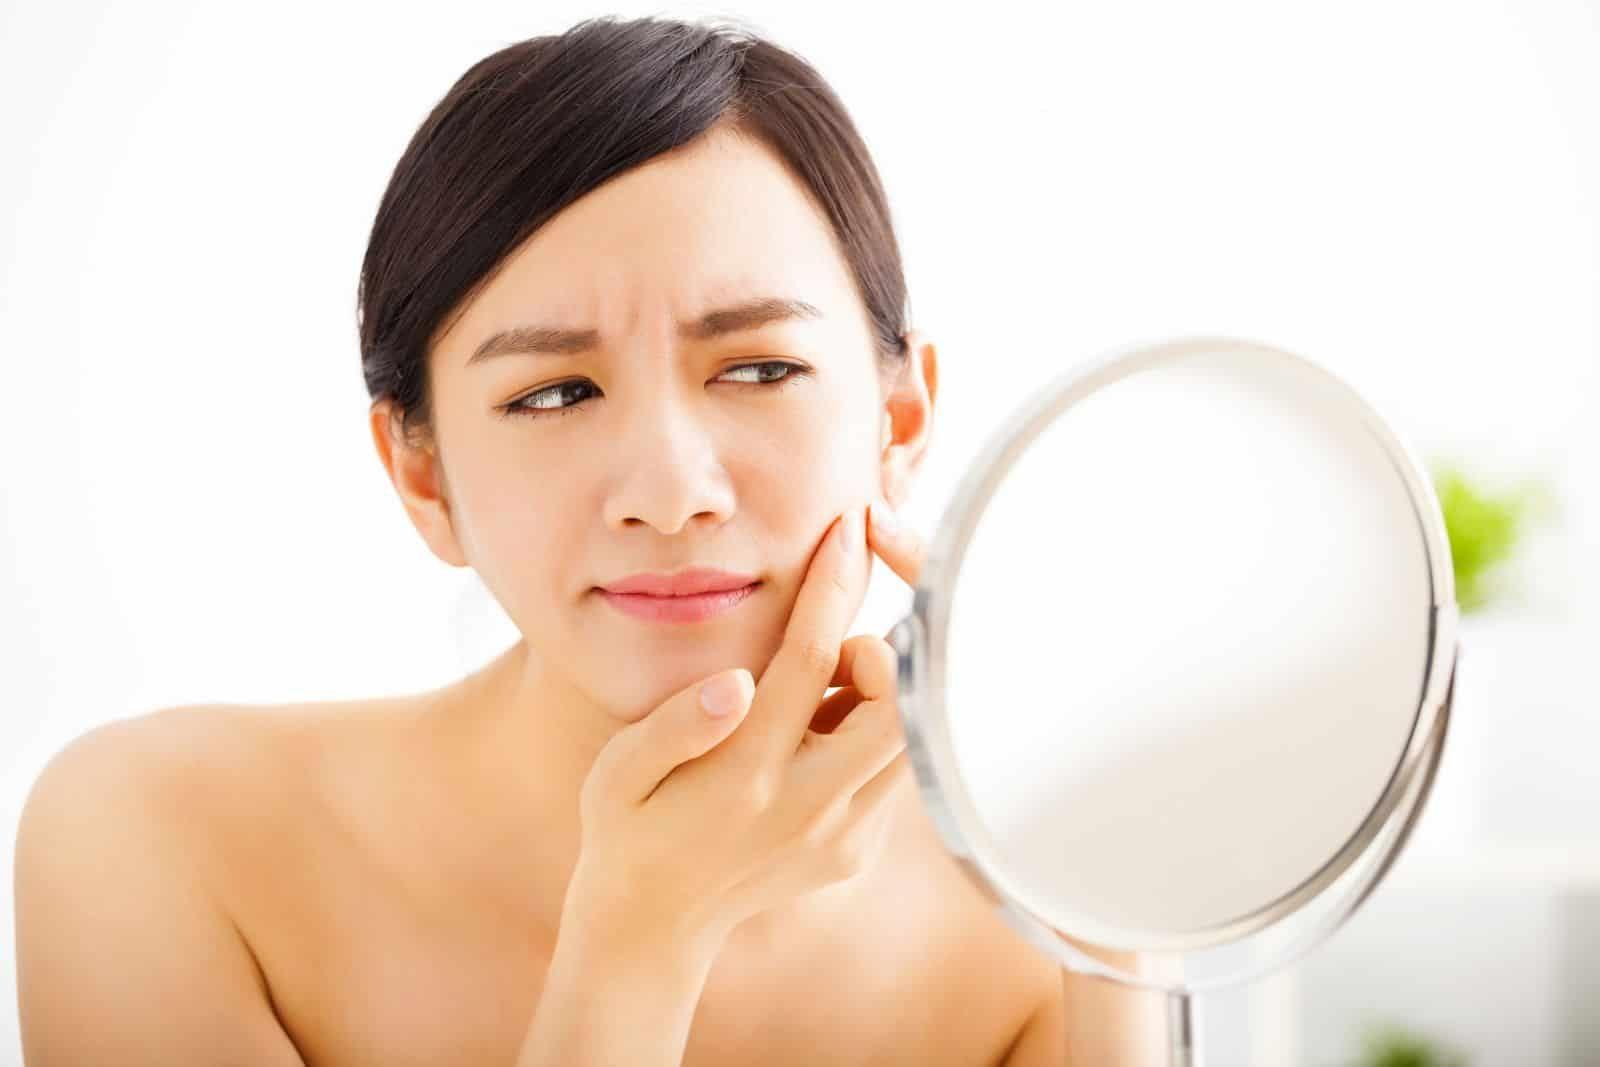 6 sai lầm chăm sóc sức khỏe và sắc đẹp mà hầu hết phụ nữ tuổi 30 đều mắc phải - Ảnh 4